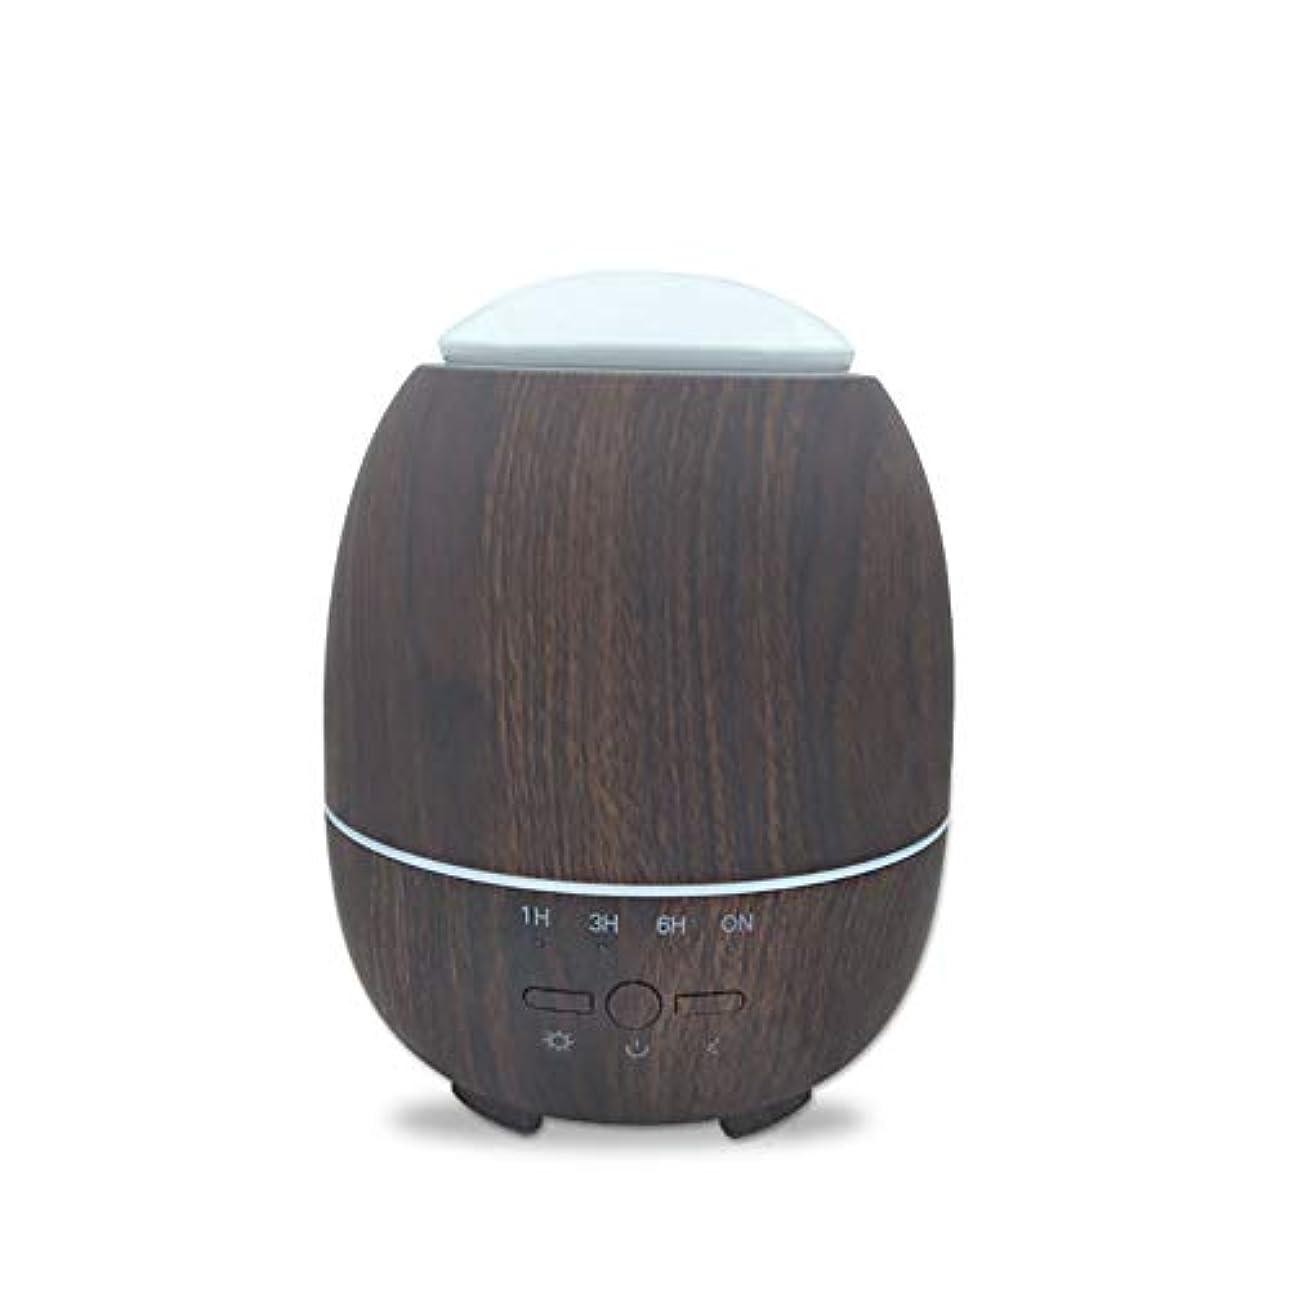 知覚する衣類過剰アロマエッセンシャルオイルクールミスト加湿器、ウッドグレインアロマディフューザー、スーパーハイアロマ出力、調節可能ミストモード、7色LEDライト,deepgrain